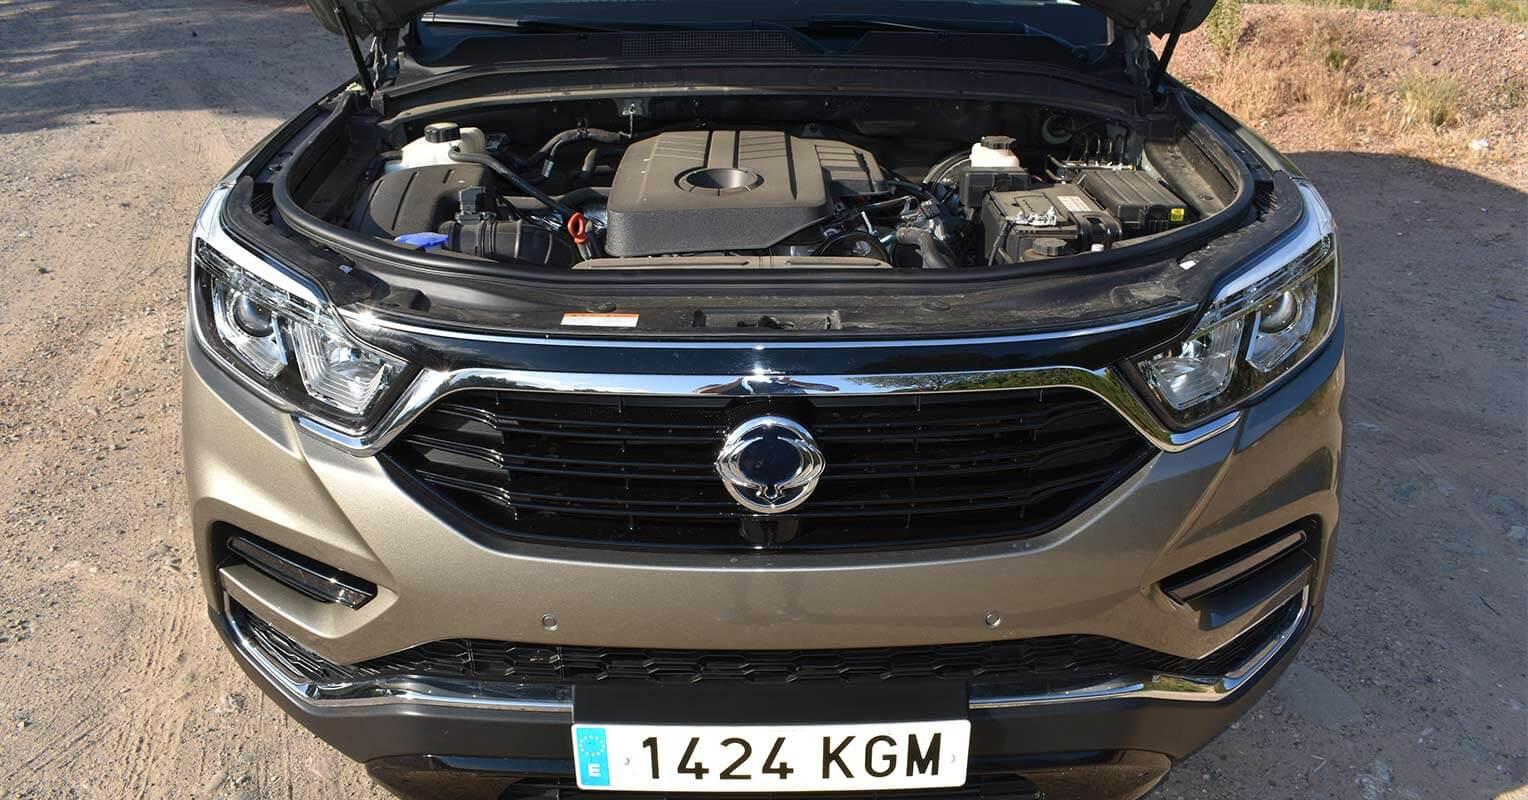 Motor del SsangYong Rexton 2018